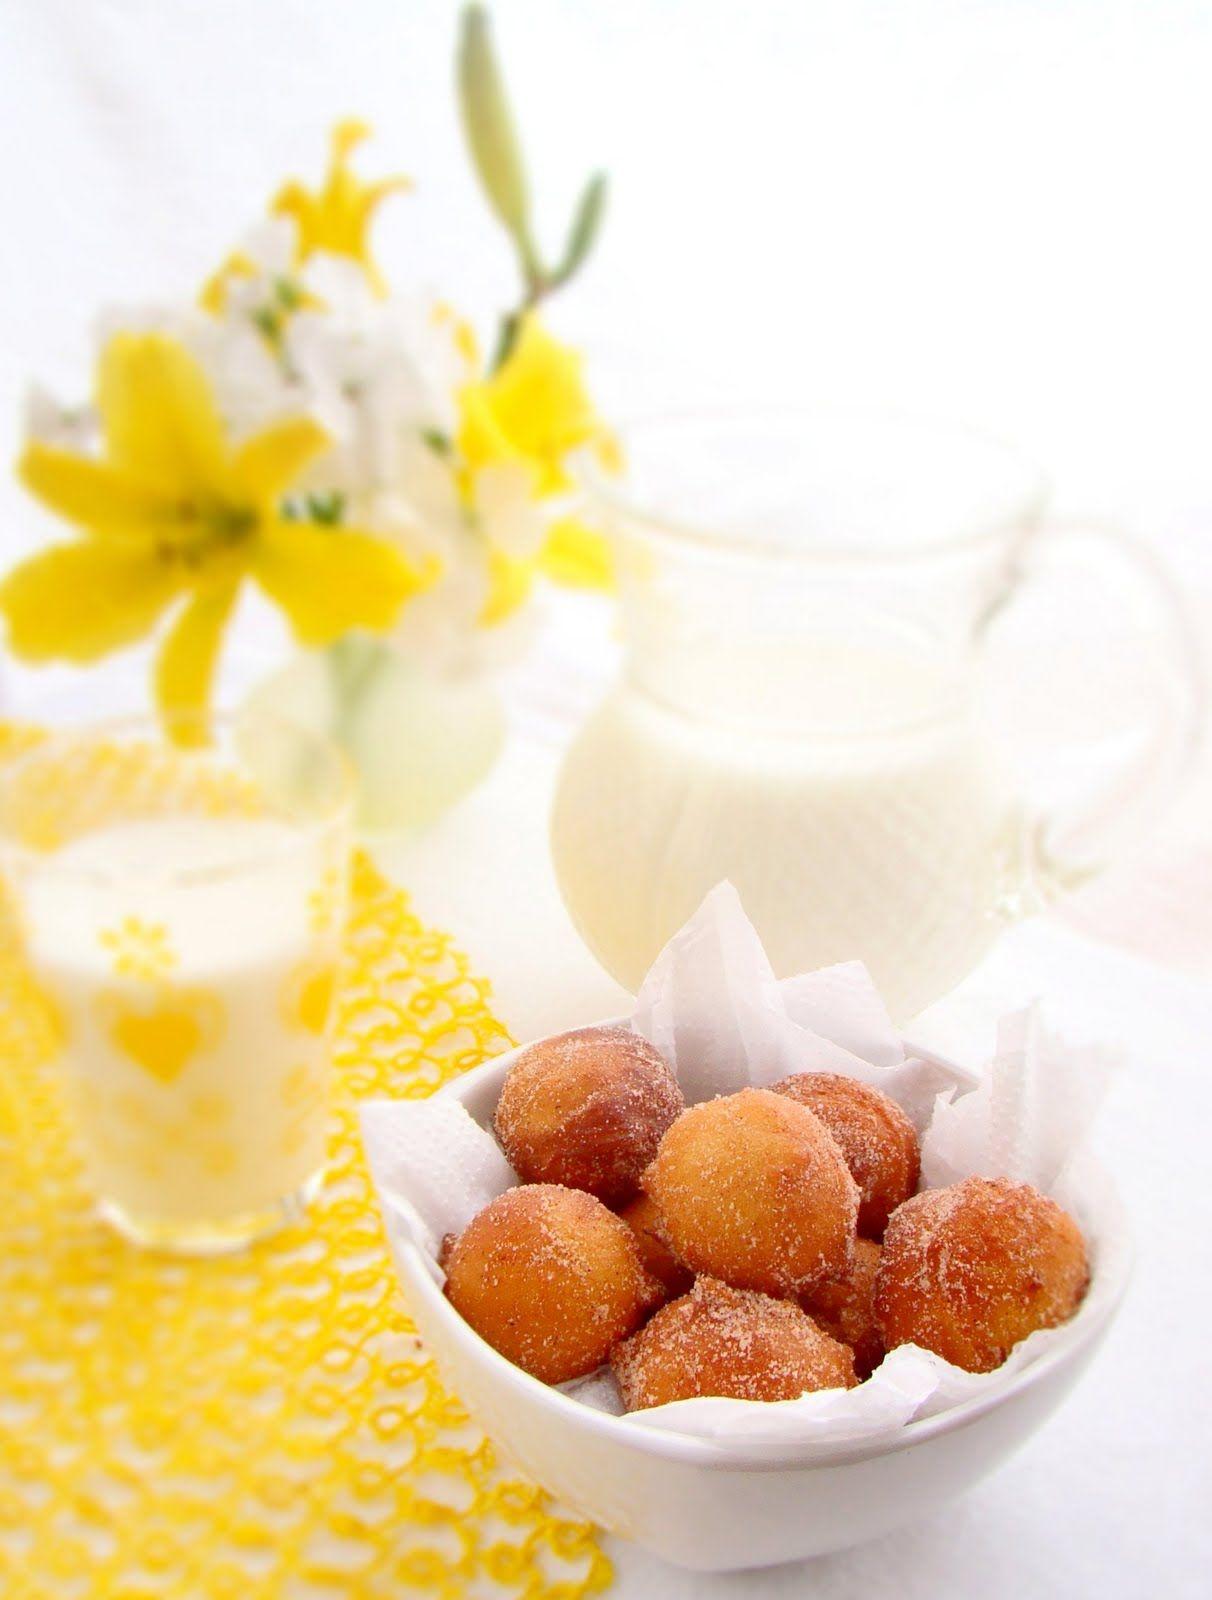 Bolinho de Chuva Recheado com Doce de Leite - Mini Cinnamon Sugar Doughnuts filled with Homemade Dulce de Leche